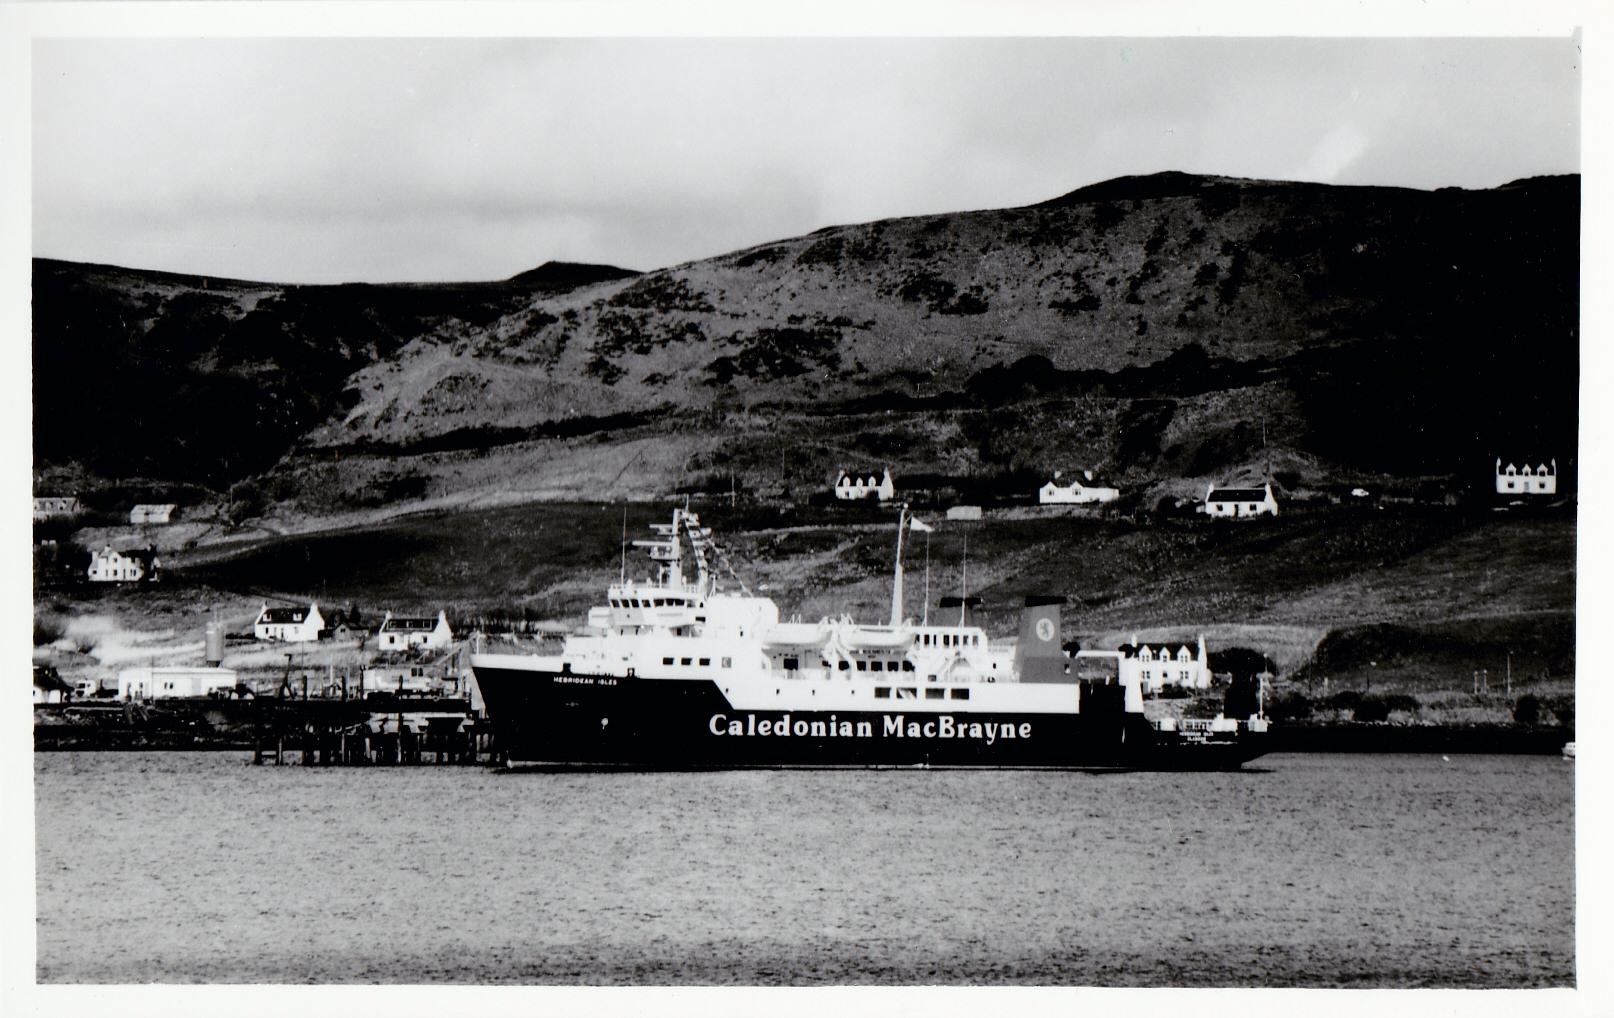 Hebridean Isles at Uig (Jim Aikman Smith)